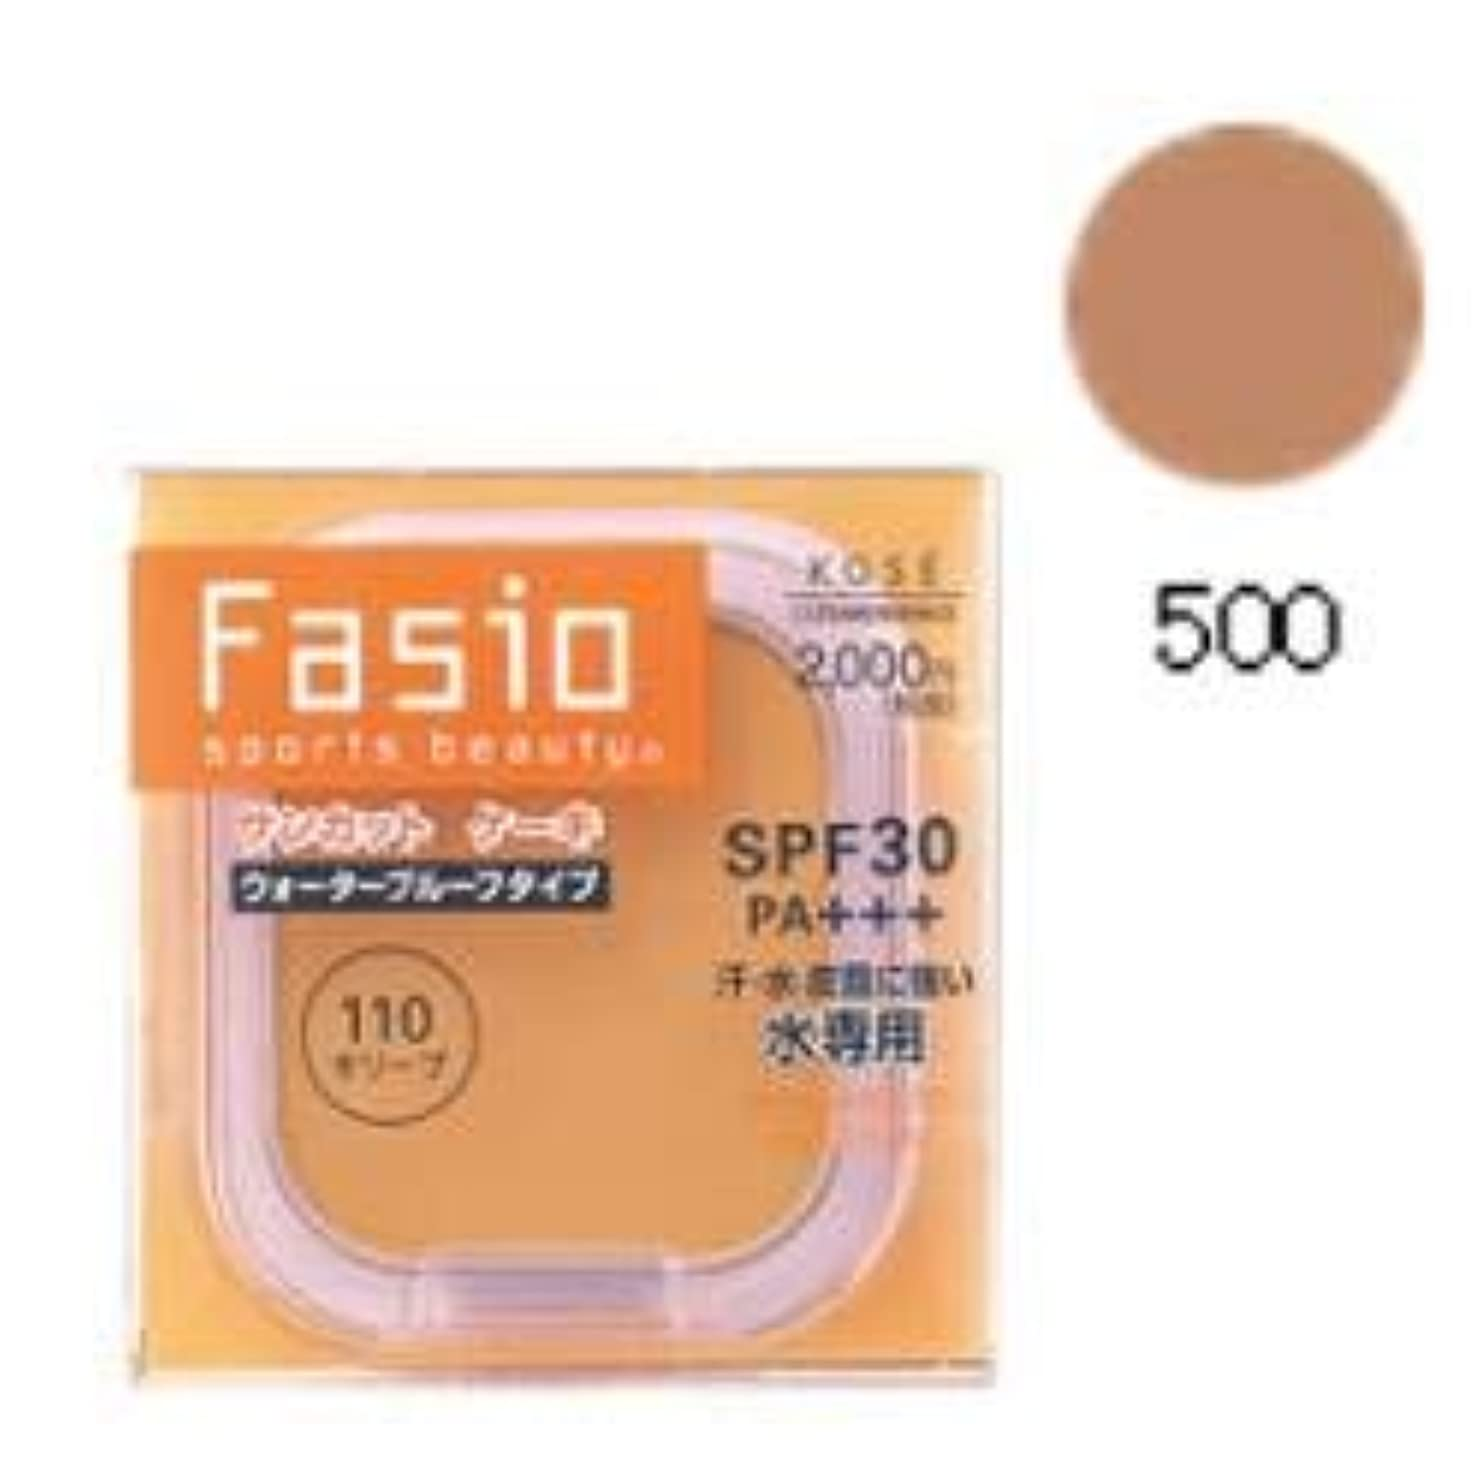 追放する国内の眉をひそめるコーセー Fasio ファシオ サンカット ケーキ 詰め替え用 500